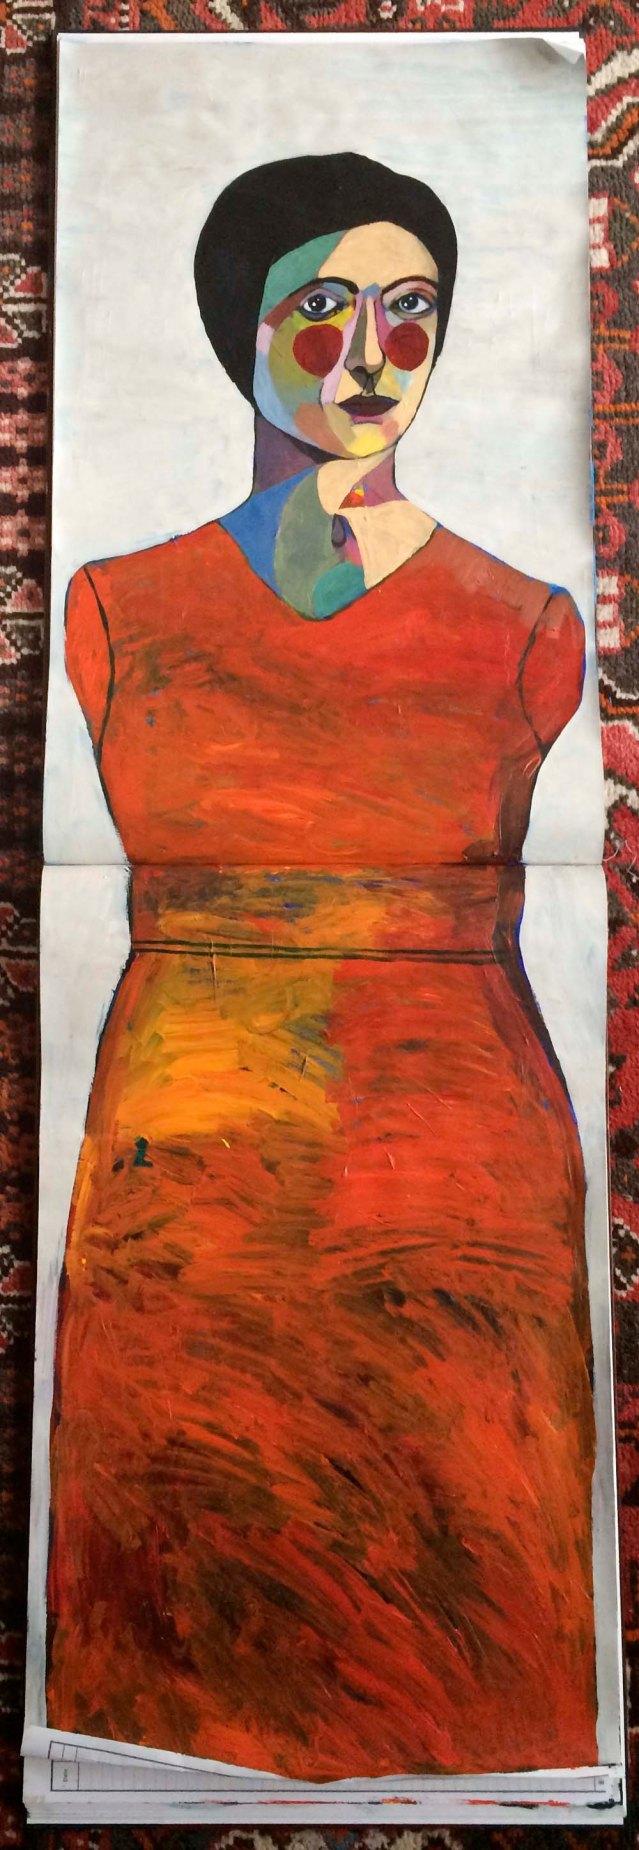 centerfold III } orange